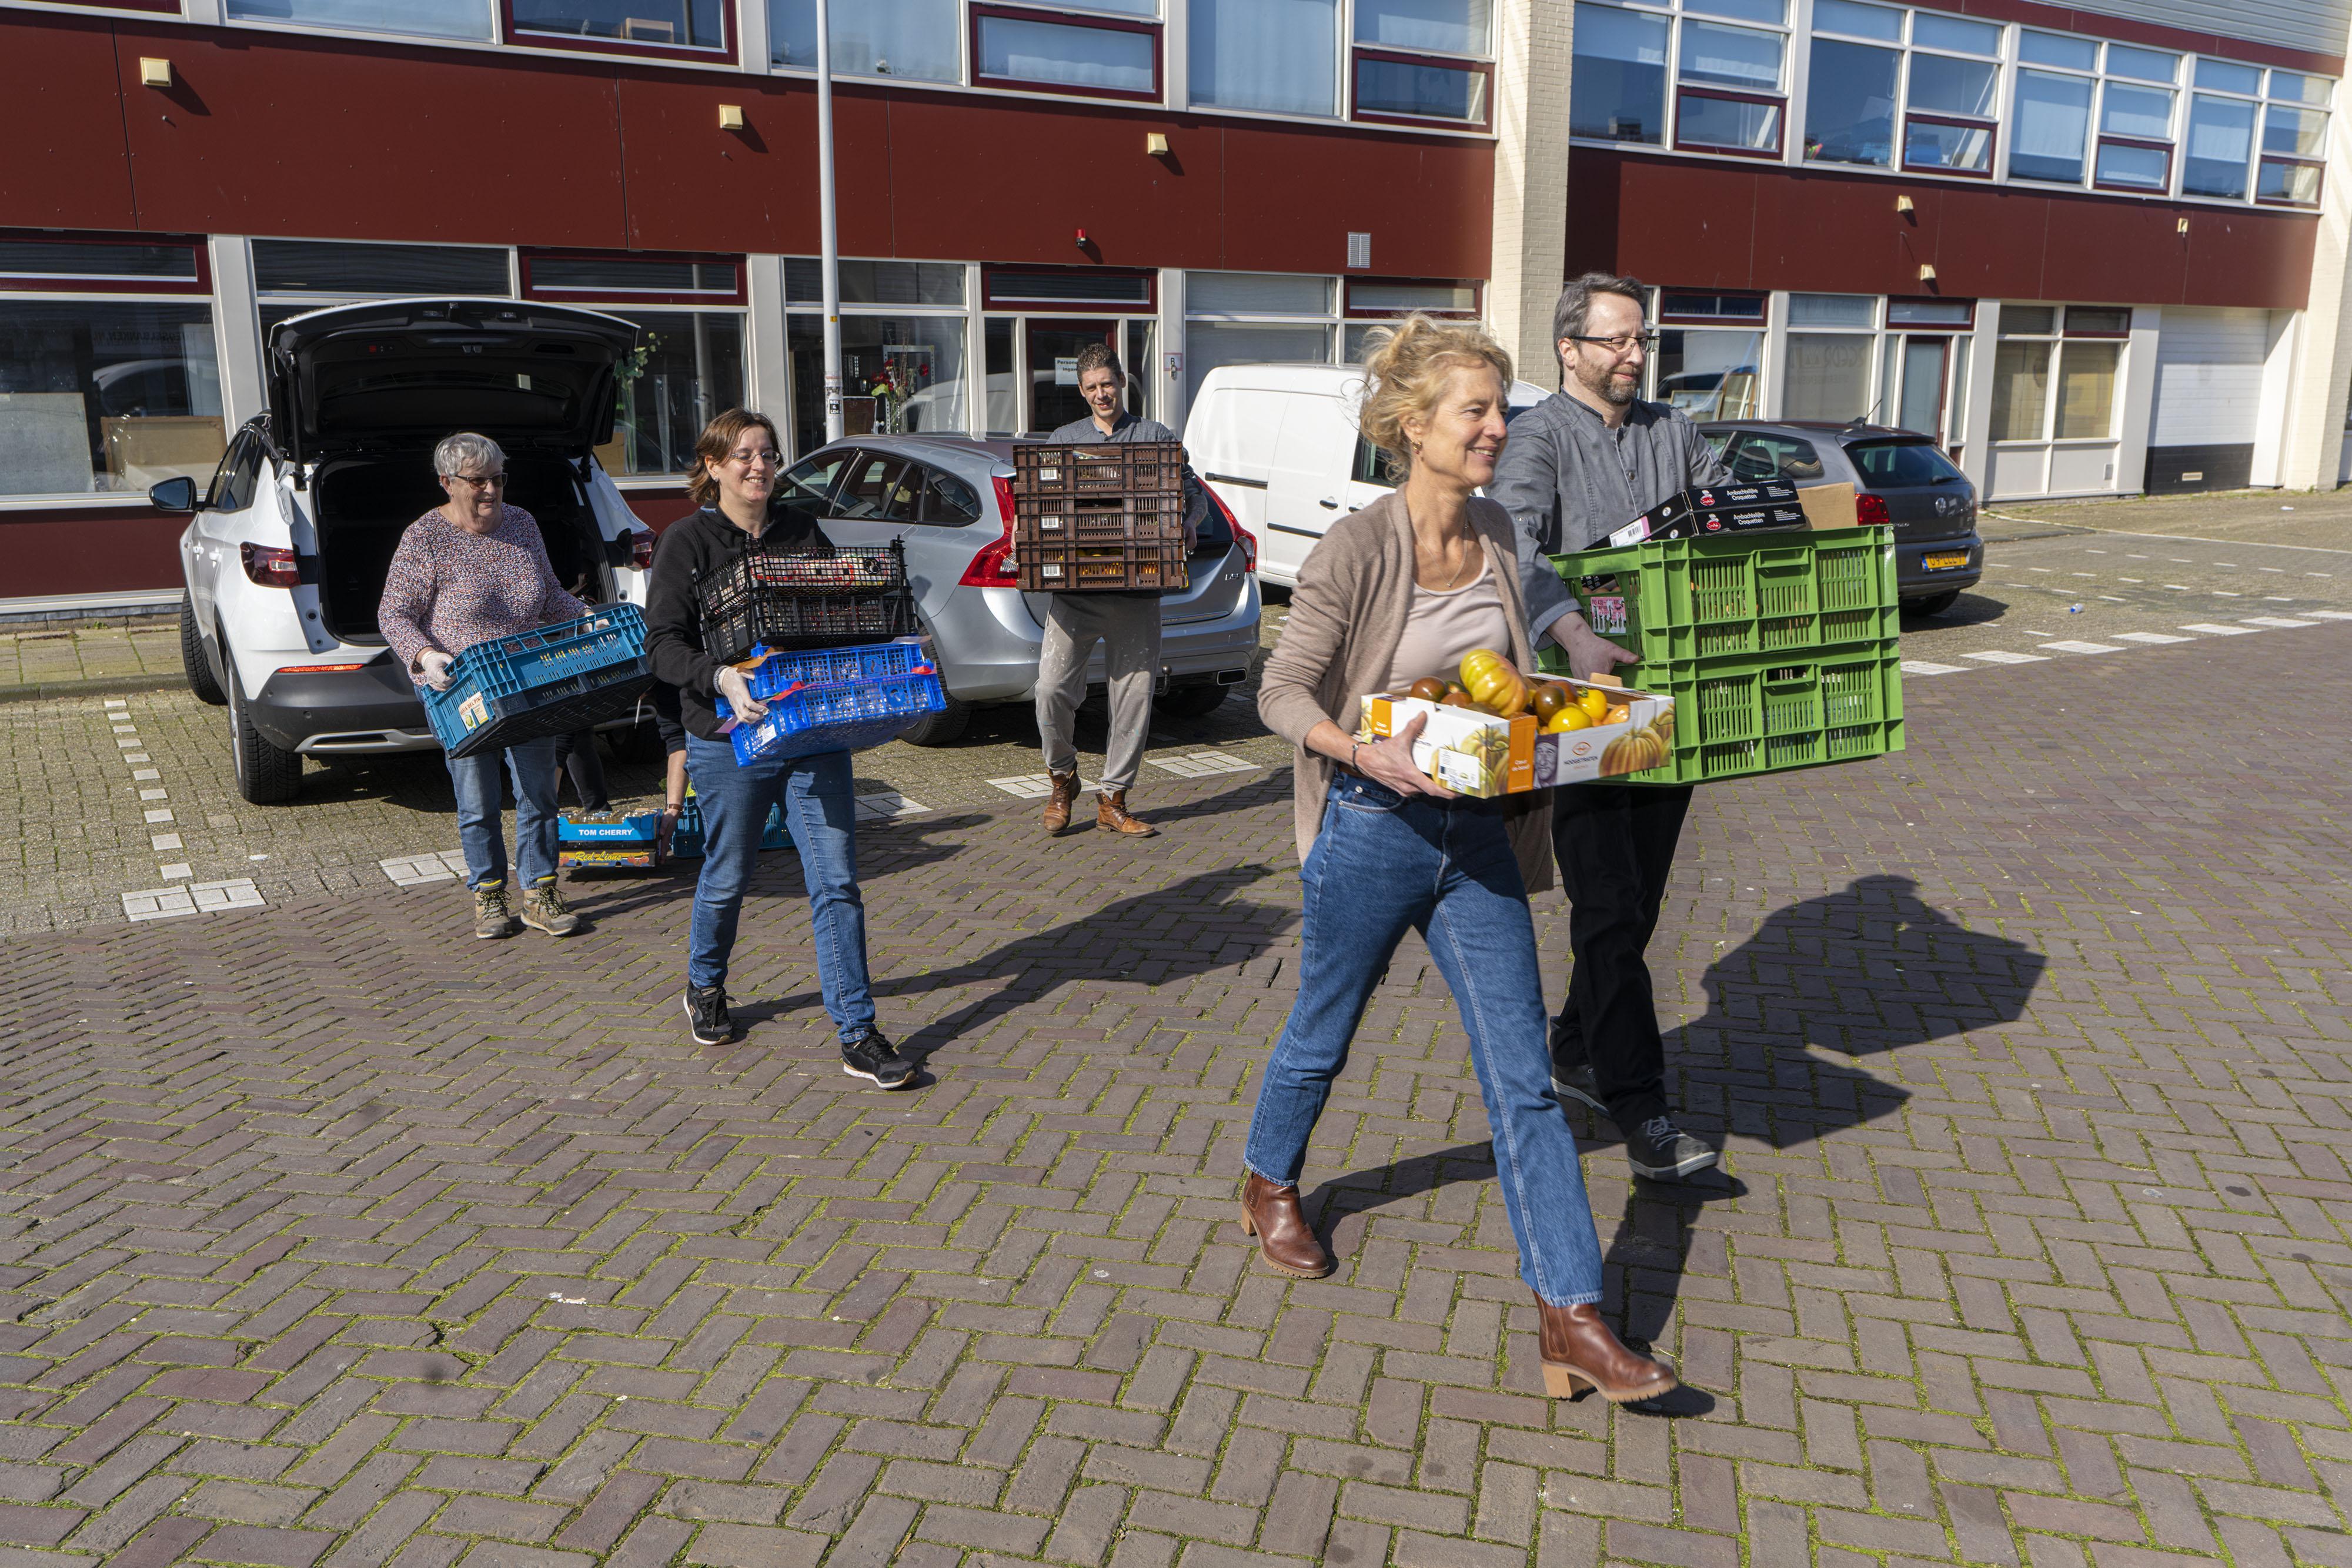 Gratis kookboek voor klanten Voedselbank dinsdag gepresenteerd in Leiden, Teylingen en Lisse